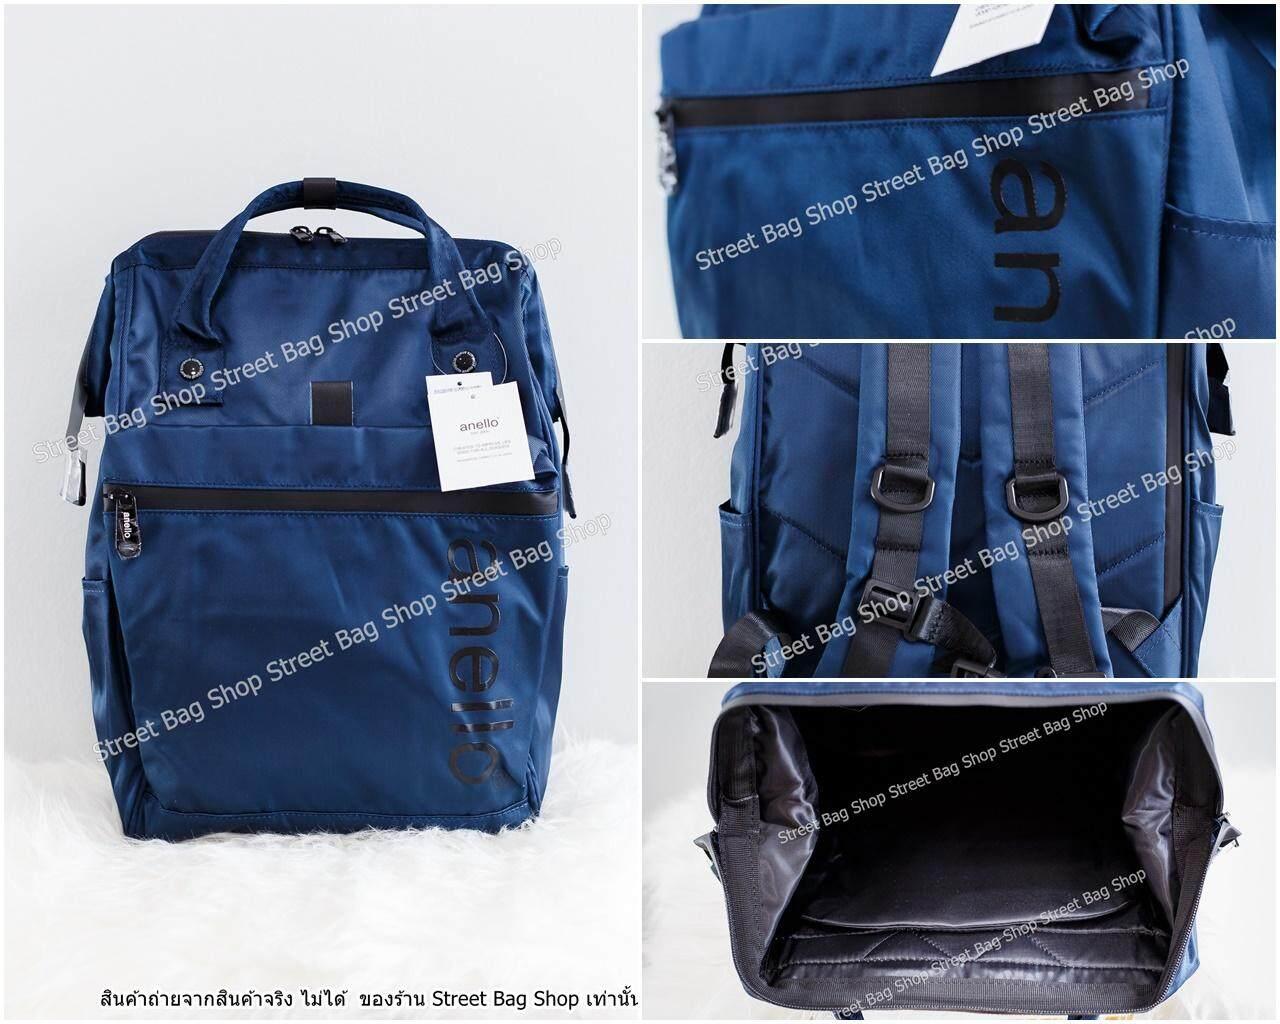 ปทุมธานี ของแท้ กระเป๋าเป้ Anello Repellency Waterproof Classic Size สีกรม